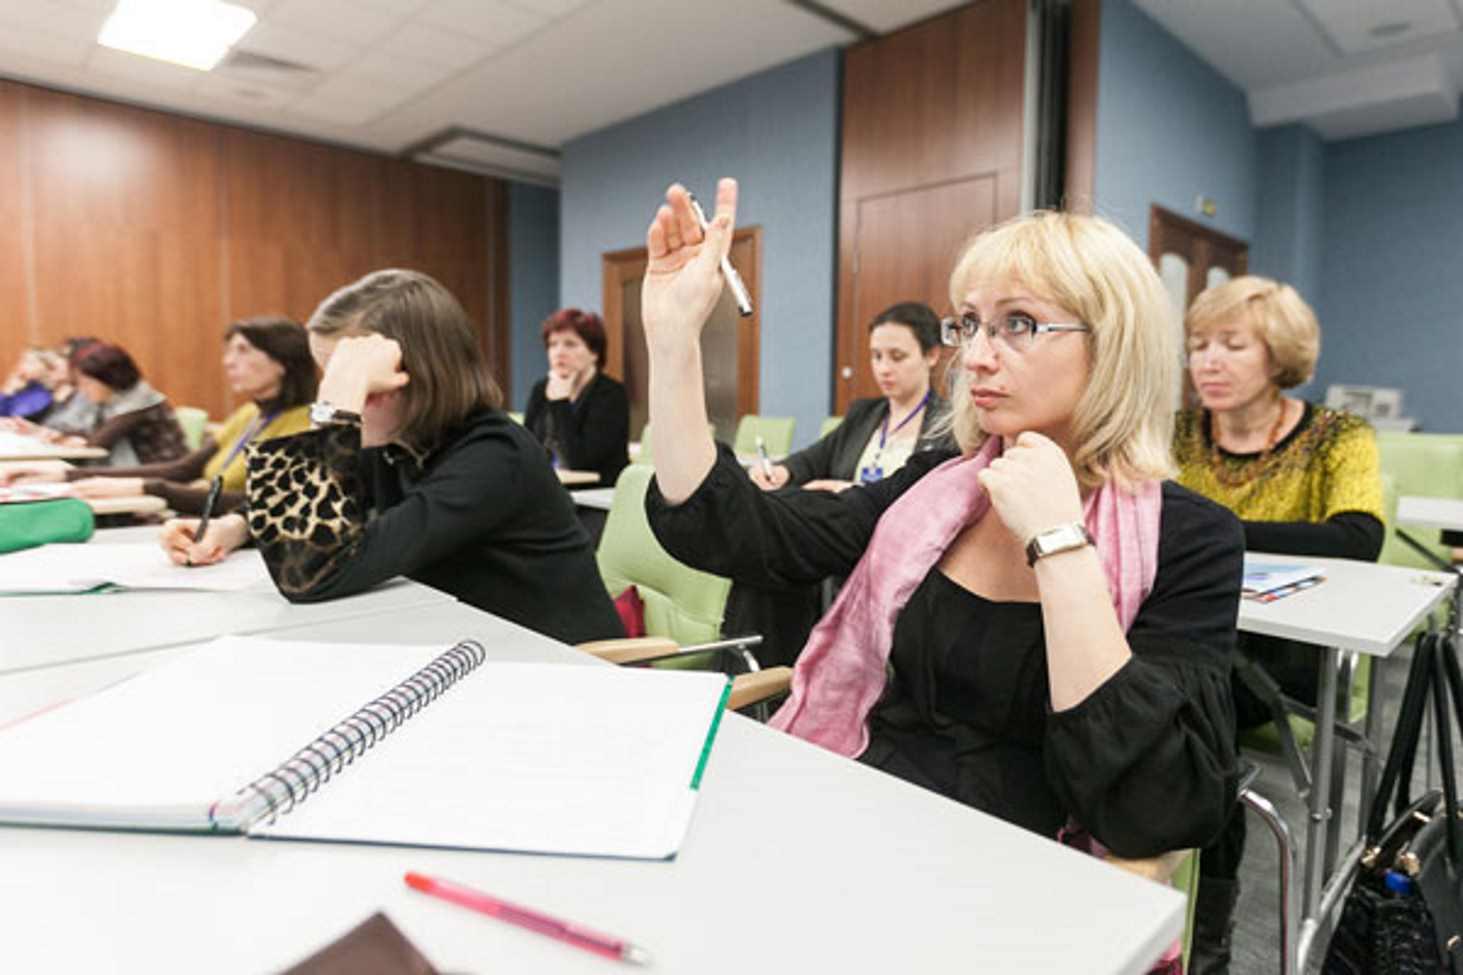 gazeta-pedagogov-provodit-opros-o-kachestve-kursov-povysheniya-kvalifikatsii-dlya-pedagogov